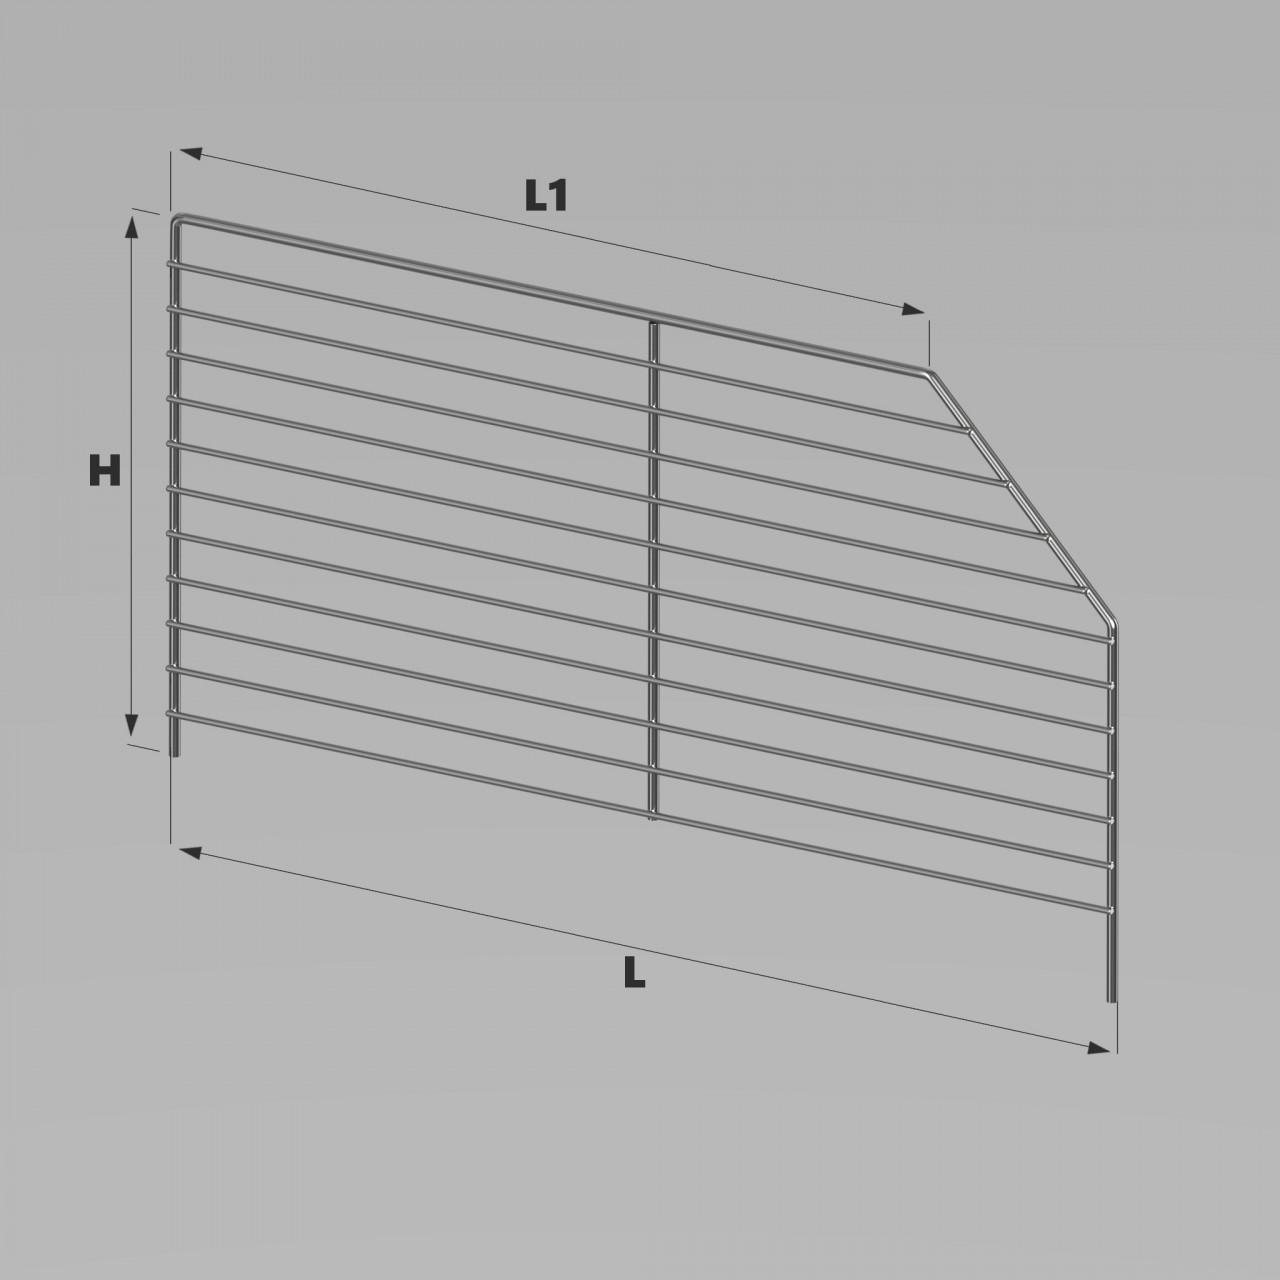 abbastanza Divisori trapezoidali c&c   SAEL accessori in filo metallico per  RJ87